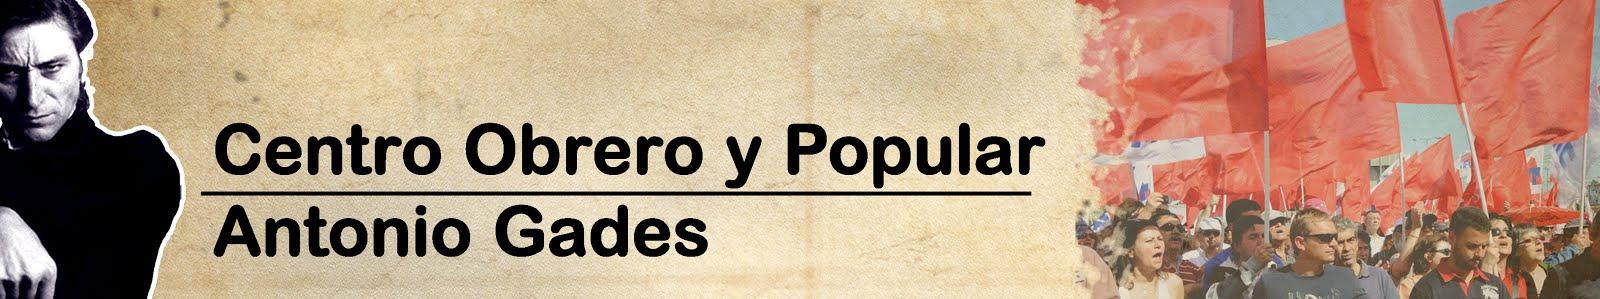 Centro Obrero y Popular Antonio Gades